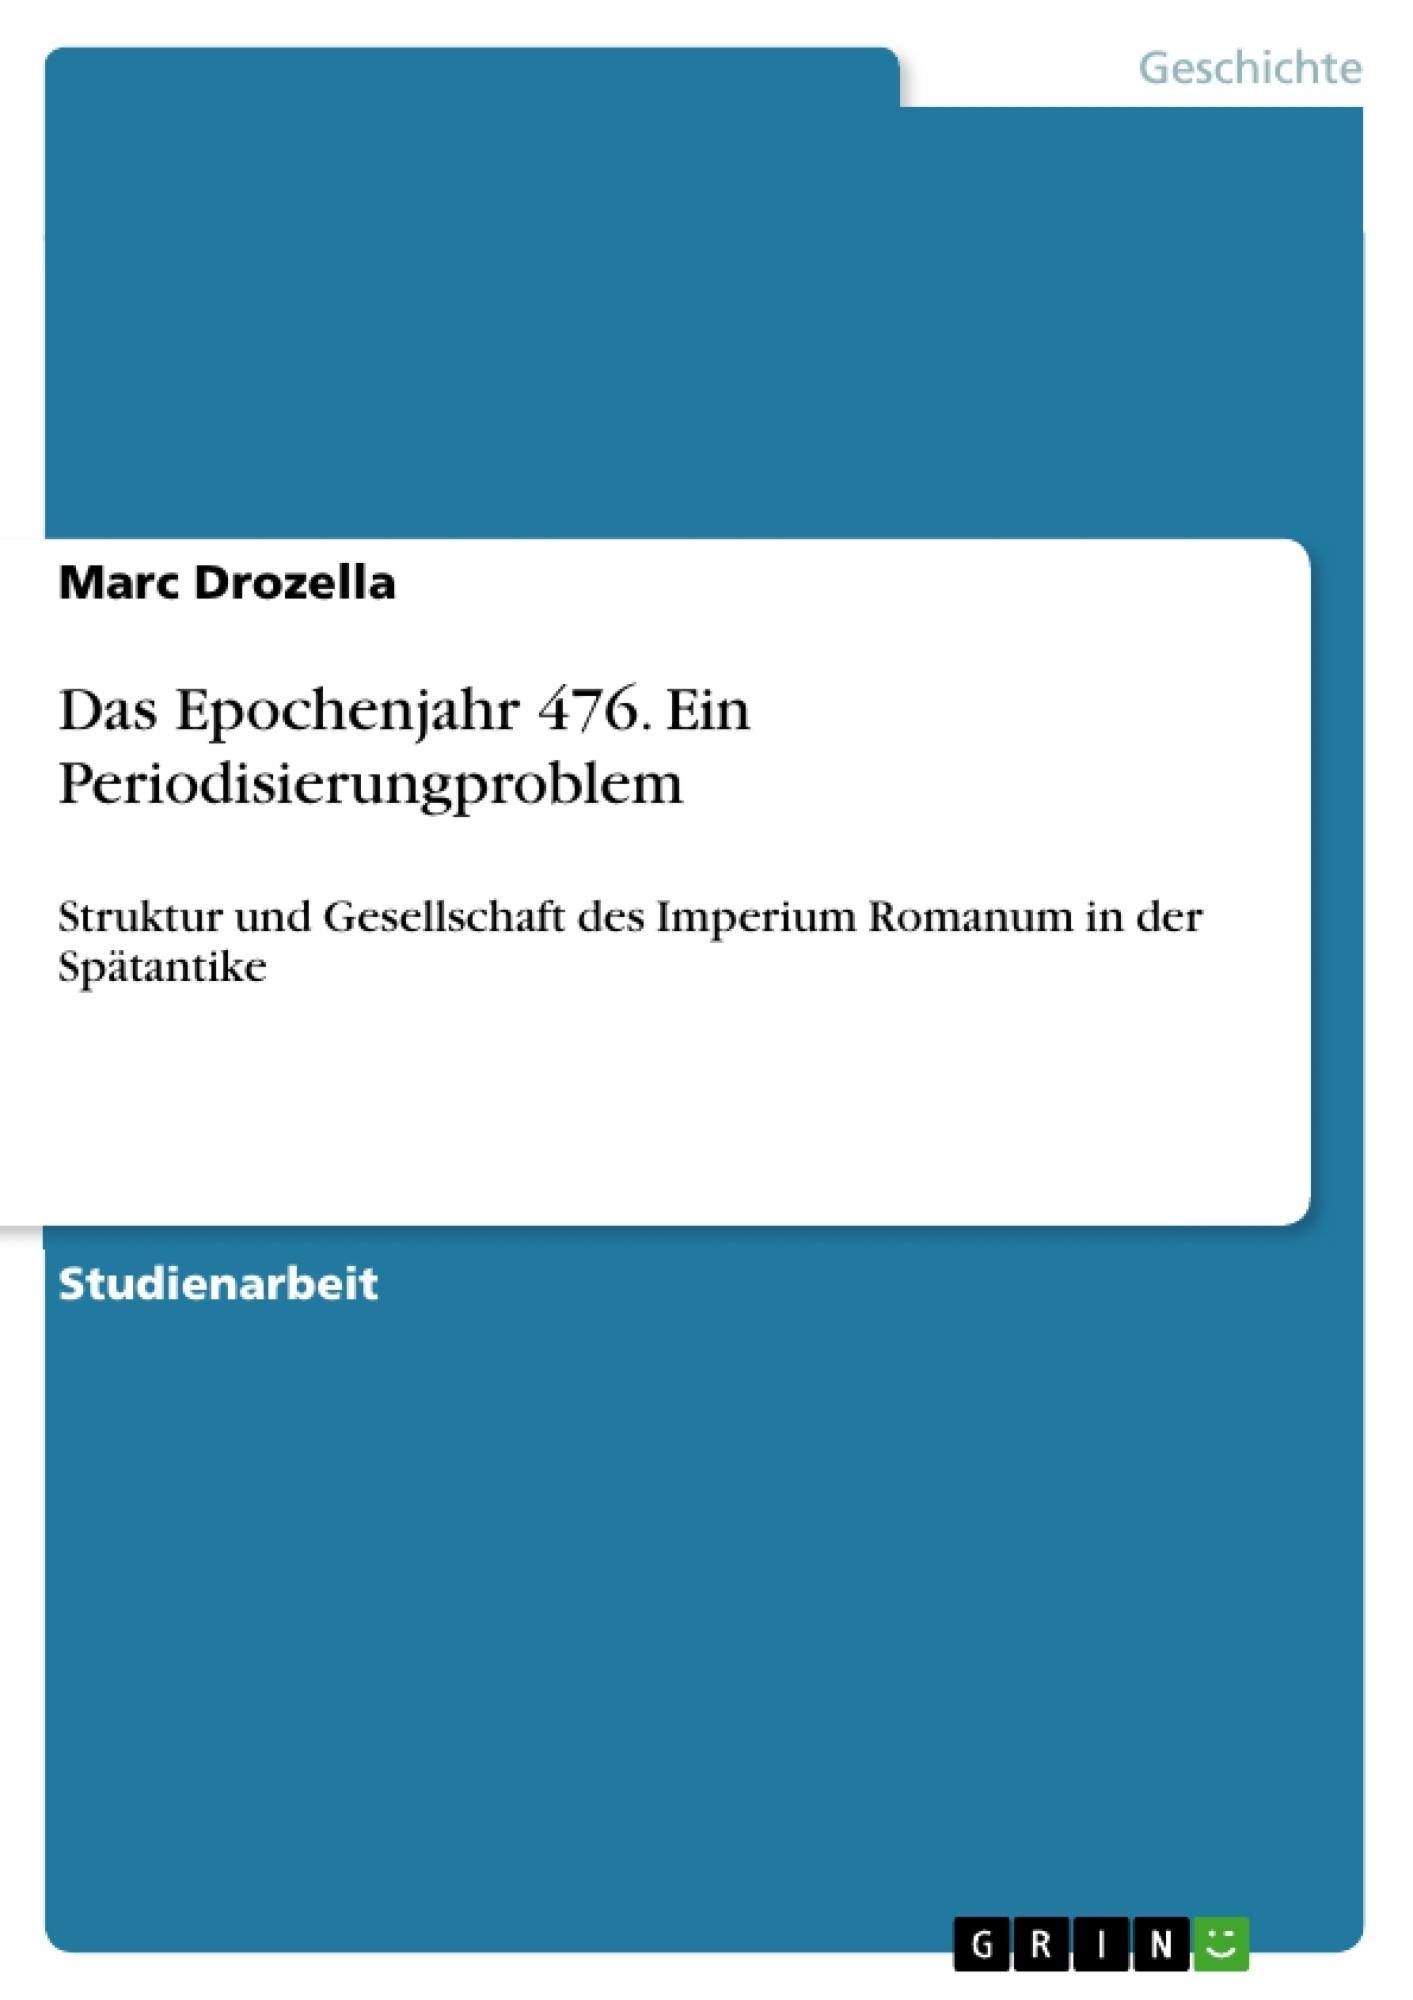 Titel: Das Epochenjahr 476. Ein Periodisierungproblem